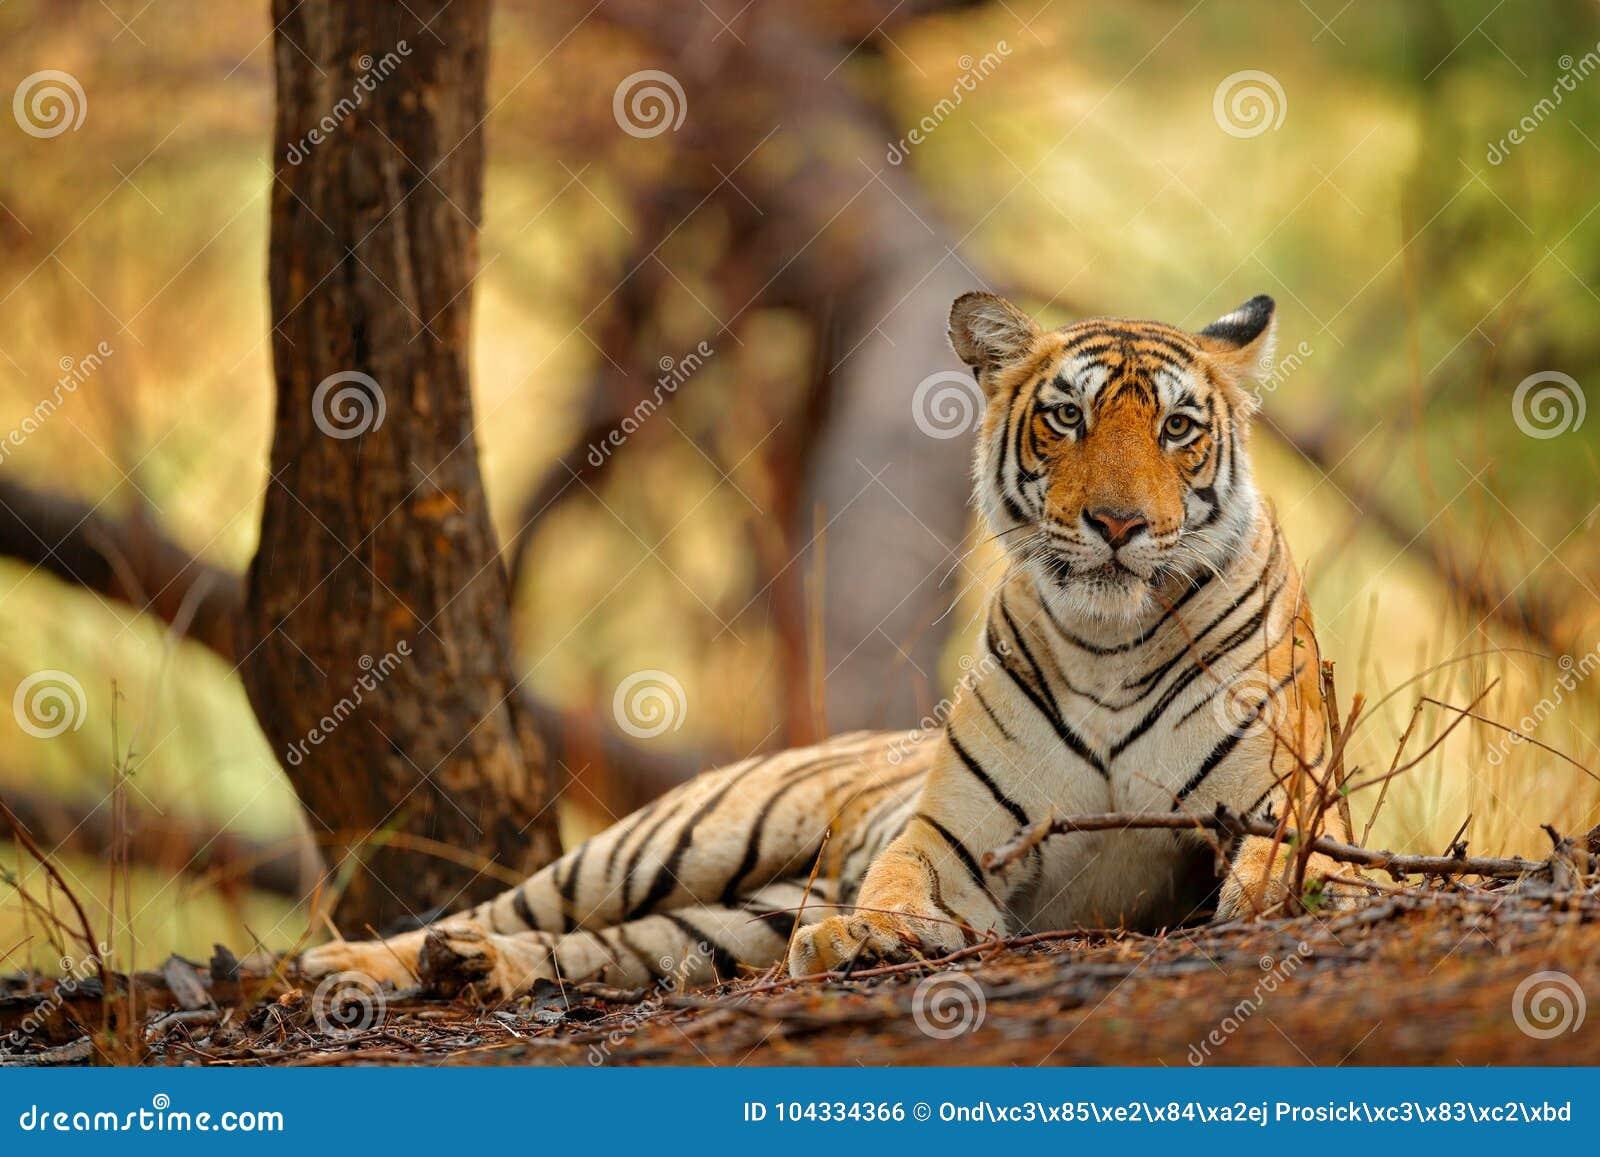 Ινδικό θηλυκό τιγρών με την πρώτη βροχή, άγριο ζώο στο βιότοπο φύσης, Ranthambore, Ινδία Μεγάλη γάτα, διακυβευμένο ζώο Τέλος ξηρο